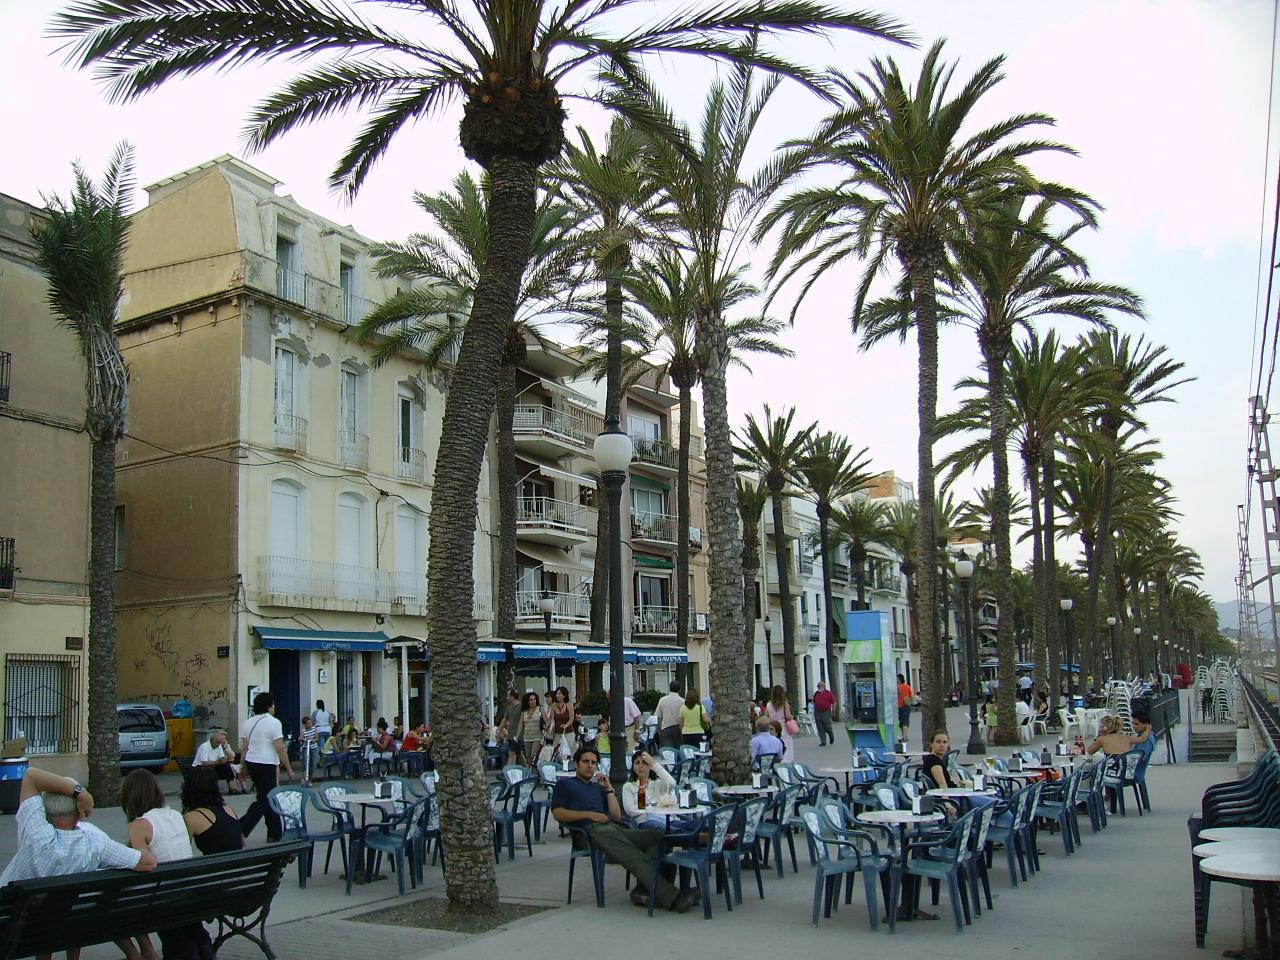 Fiestas en las terrazas de barcelona diario de viaje - Terrazas de barcelona ...